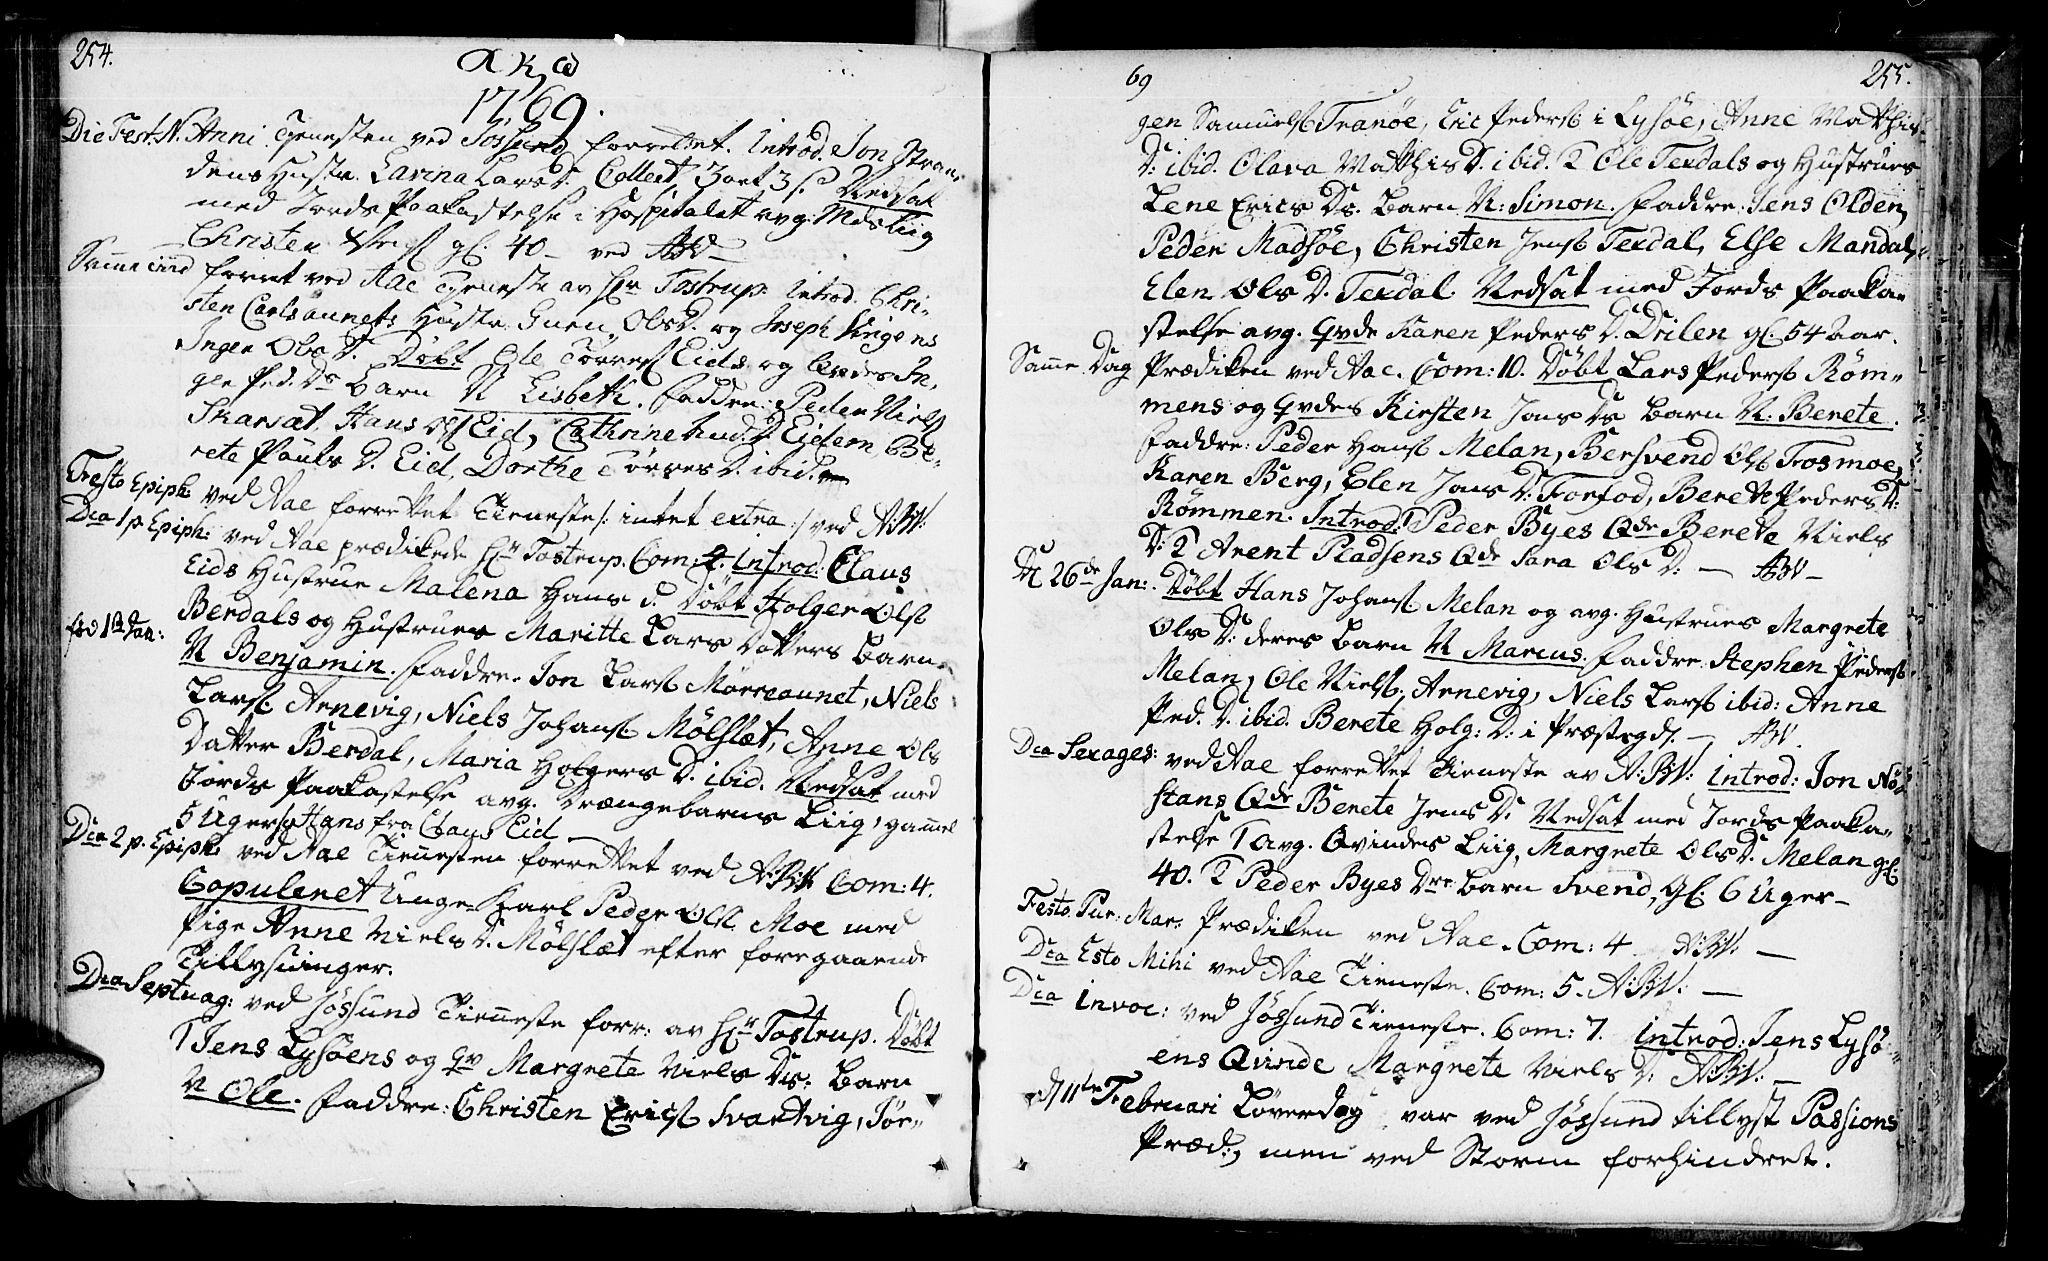 SAT, Ministerialprotokoller, klokkerbøker og fødselsregistre - Sør-Trøndelag, 655/L0672: Ministerialbok nr. 655A01, 1750-1779, s. 254-255